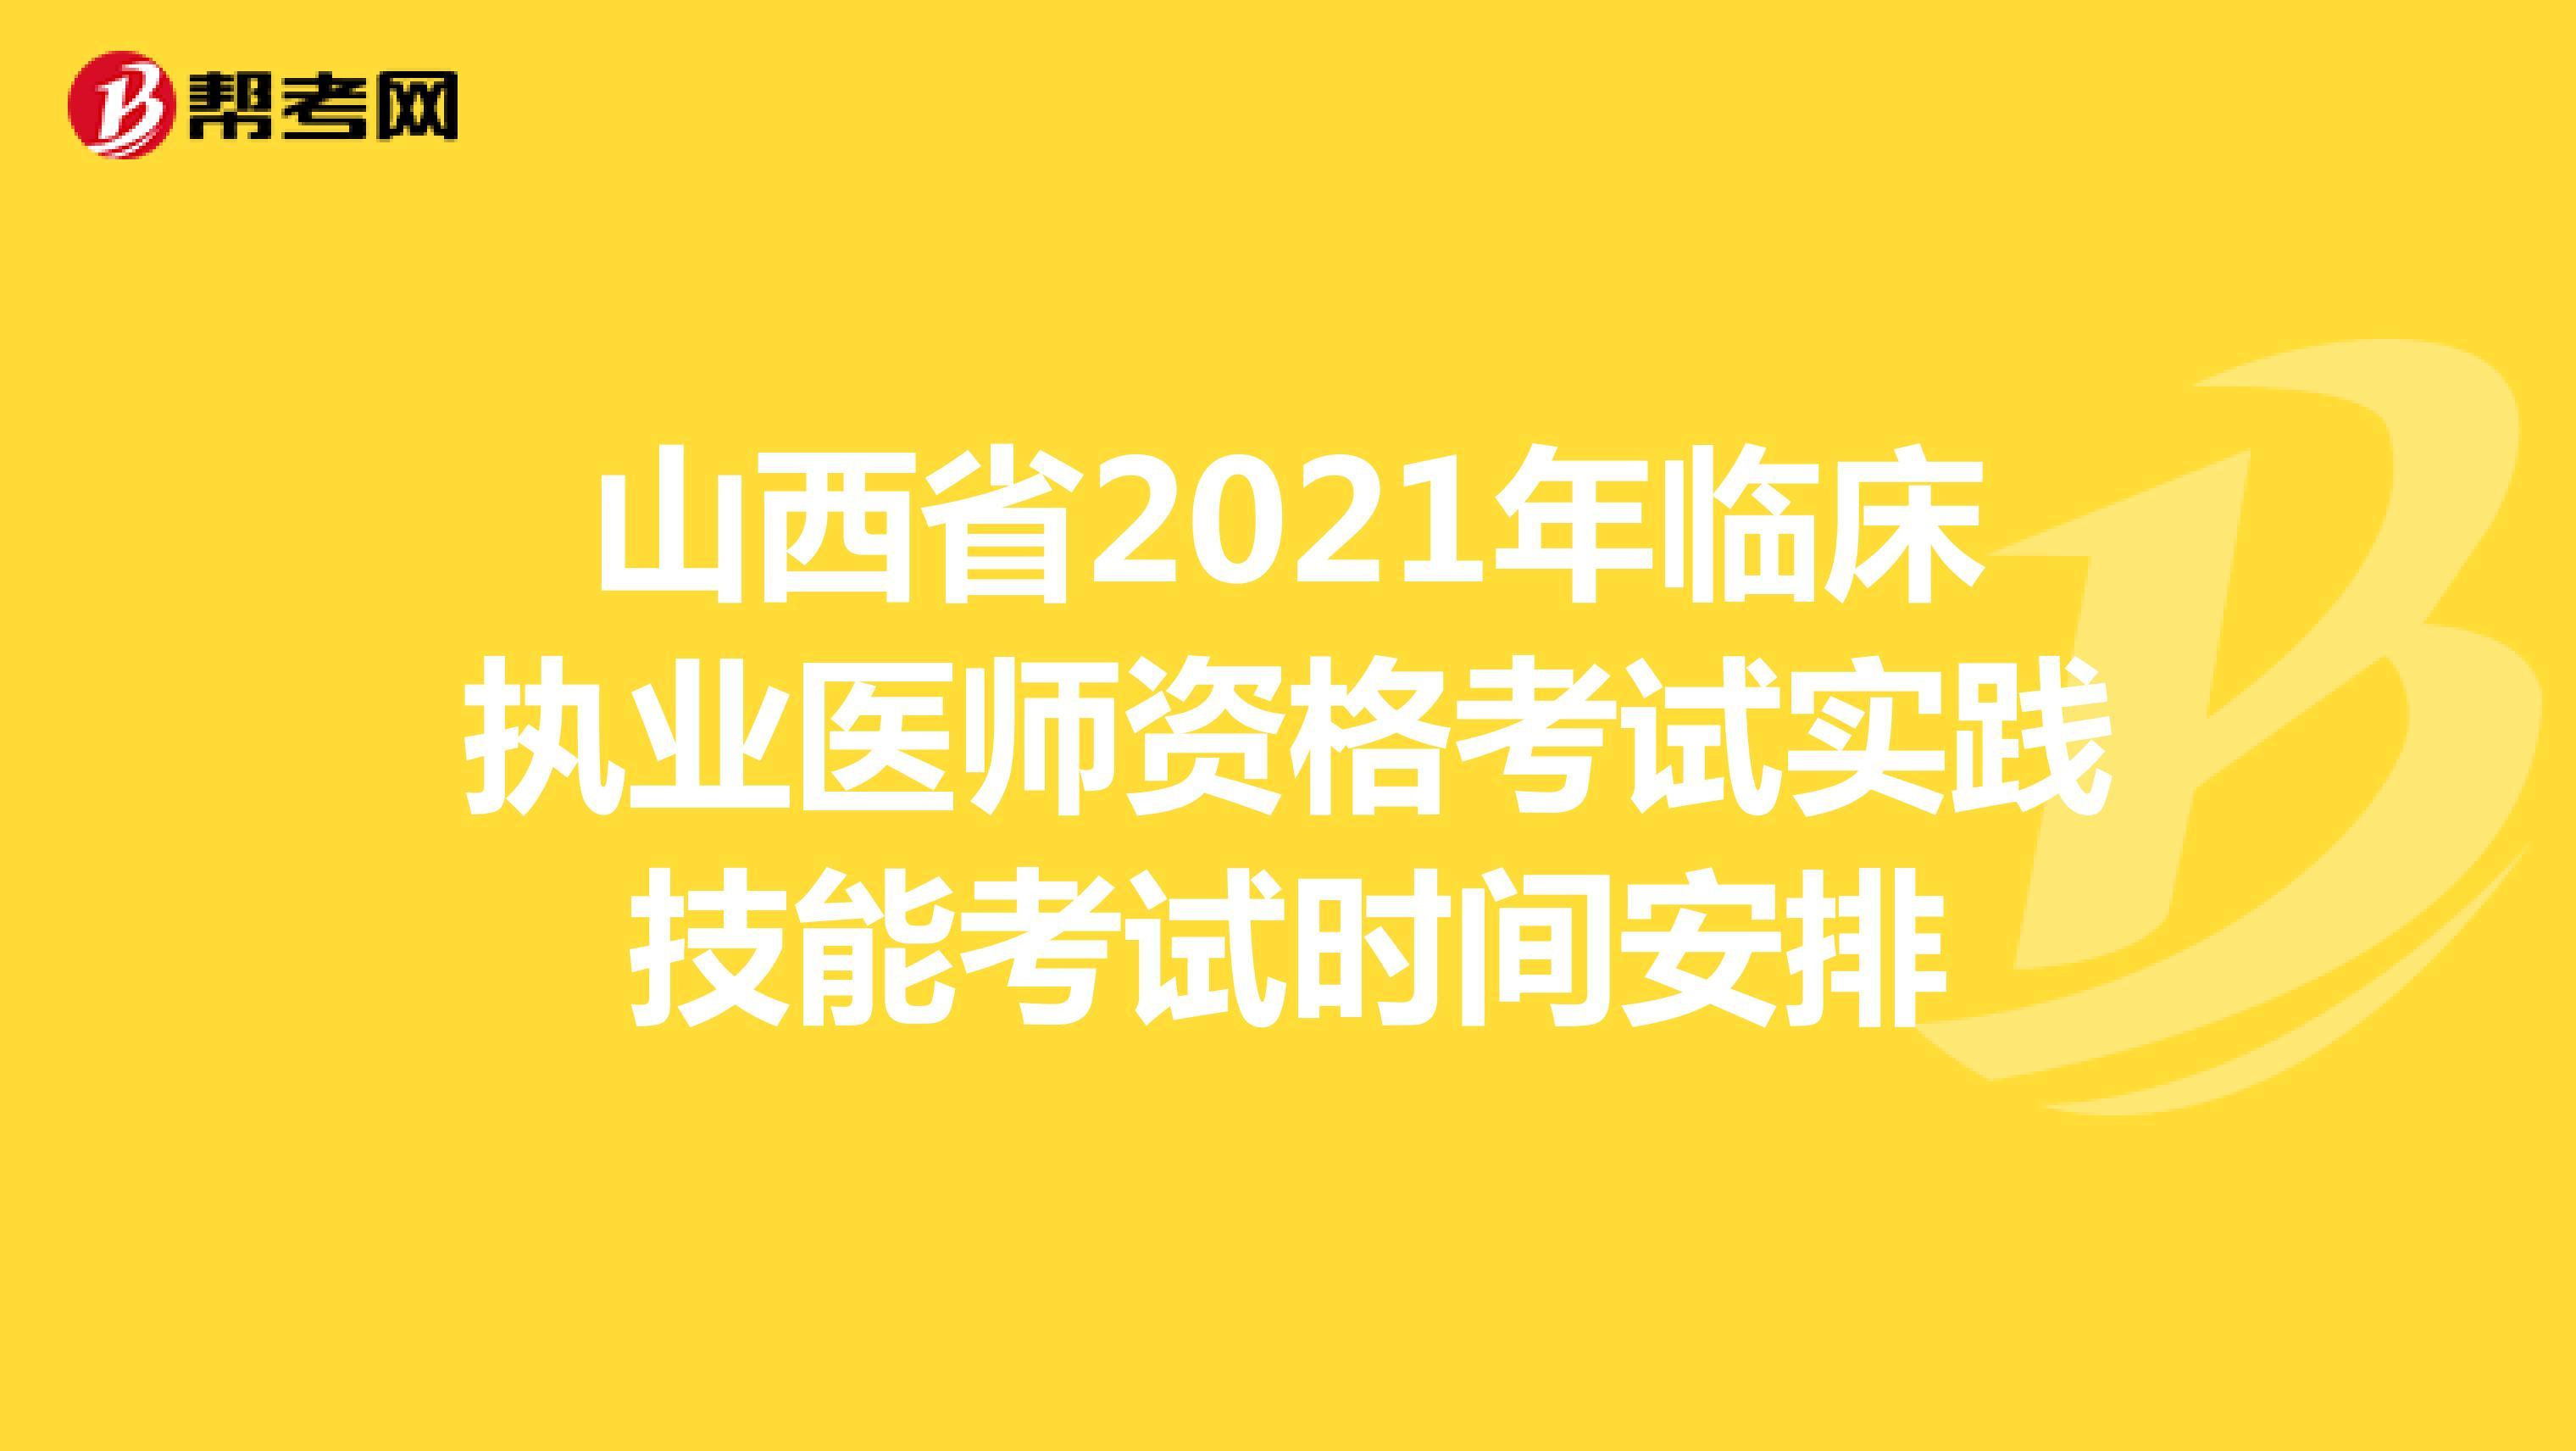 山西省2021年臨床執業醫師資格考試實踐技能考試時間安排